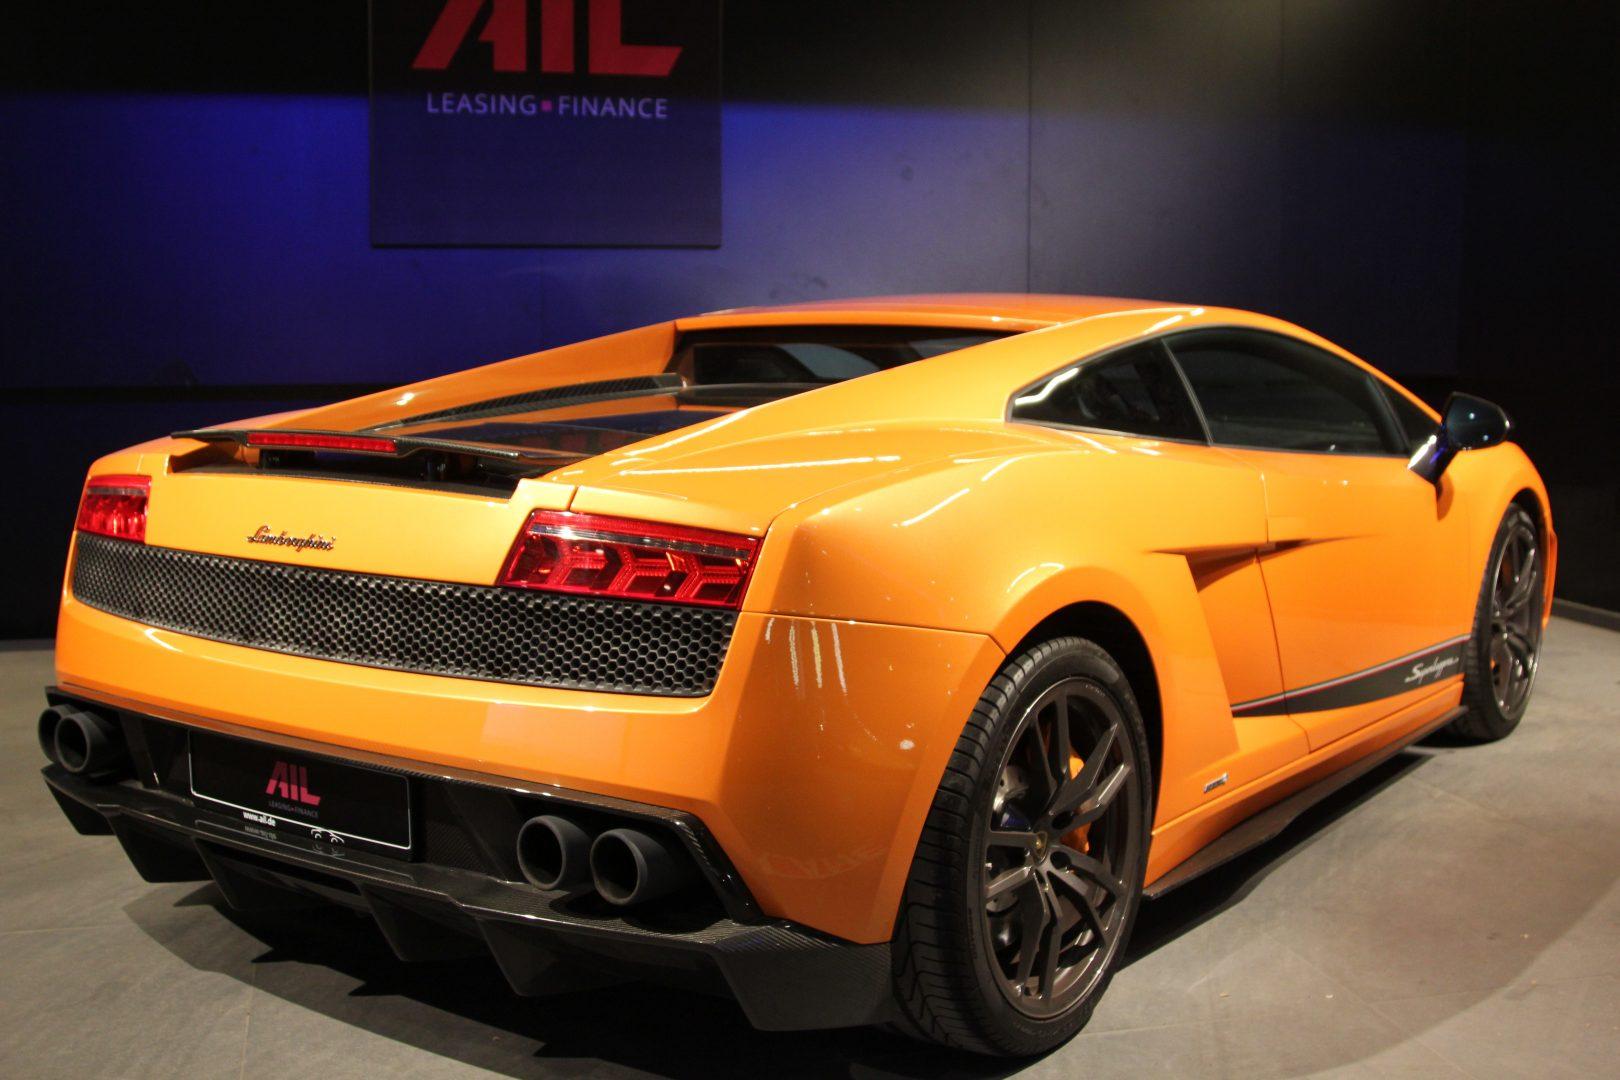 AIL Lamborghini Gallardo LP570-4 Superleggera  1